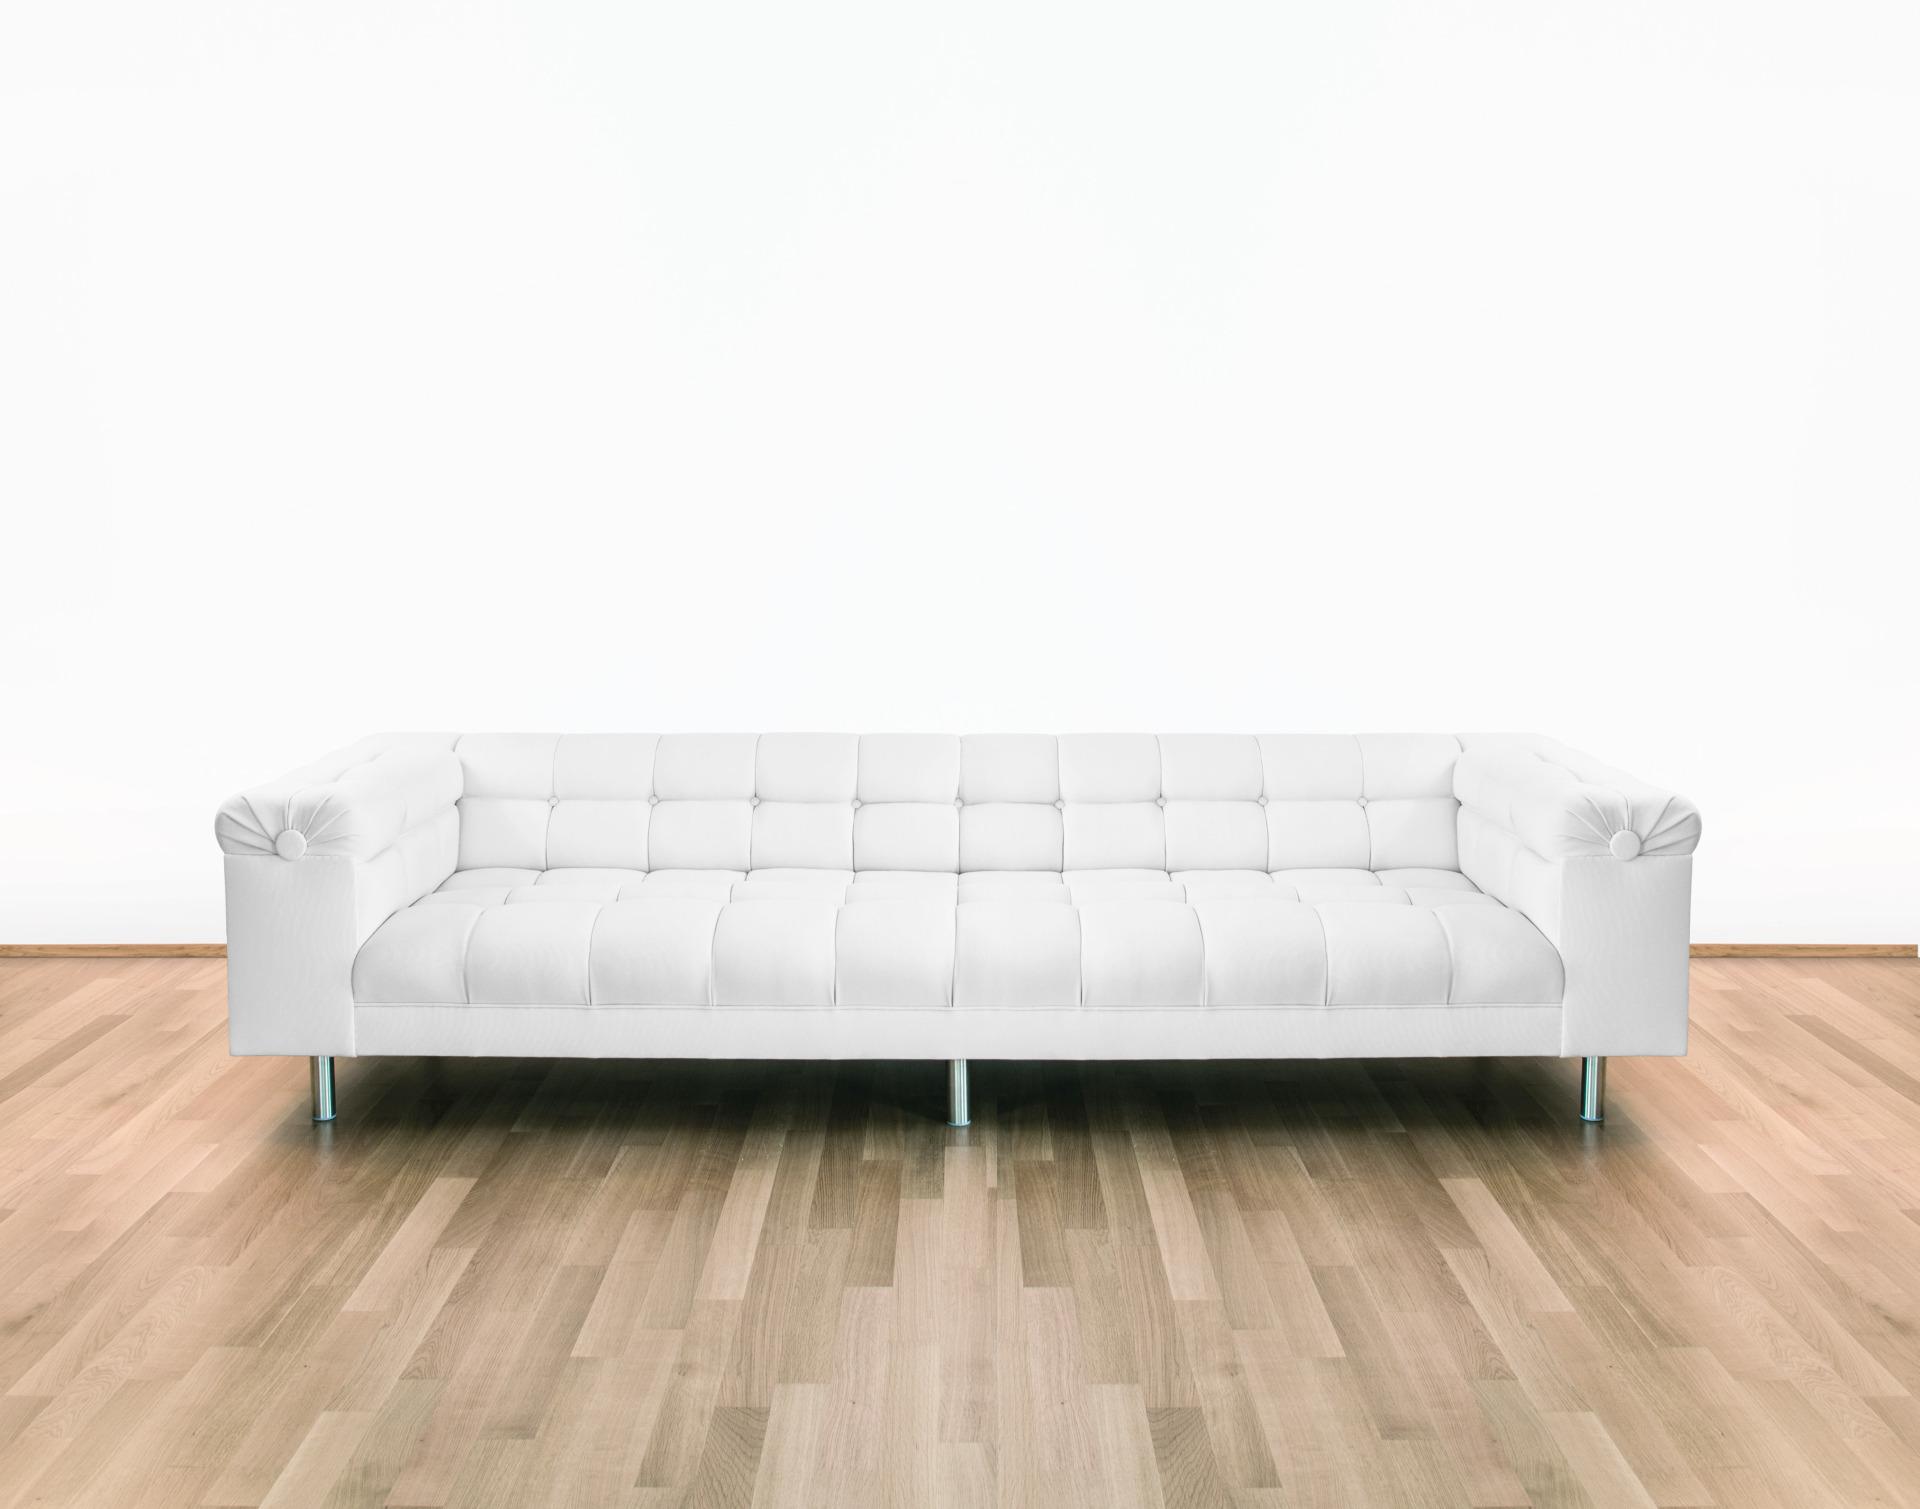 das sofa des bundeskanzlers ist ein m bel mit geschichten von bonn nach venedig bis hin zur. Black Bedroom Furniture Sets. Home Design Ideas